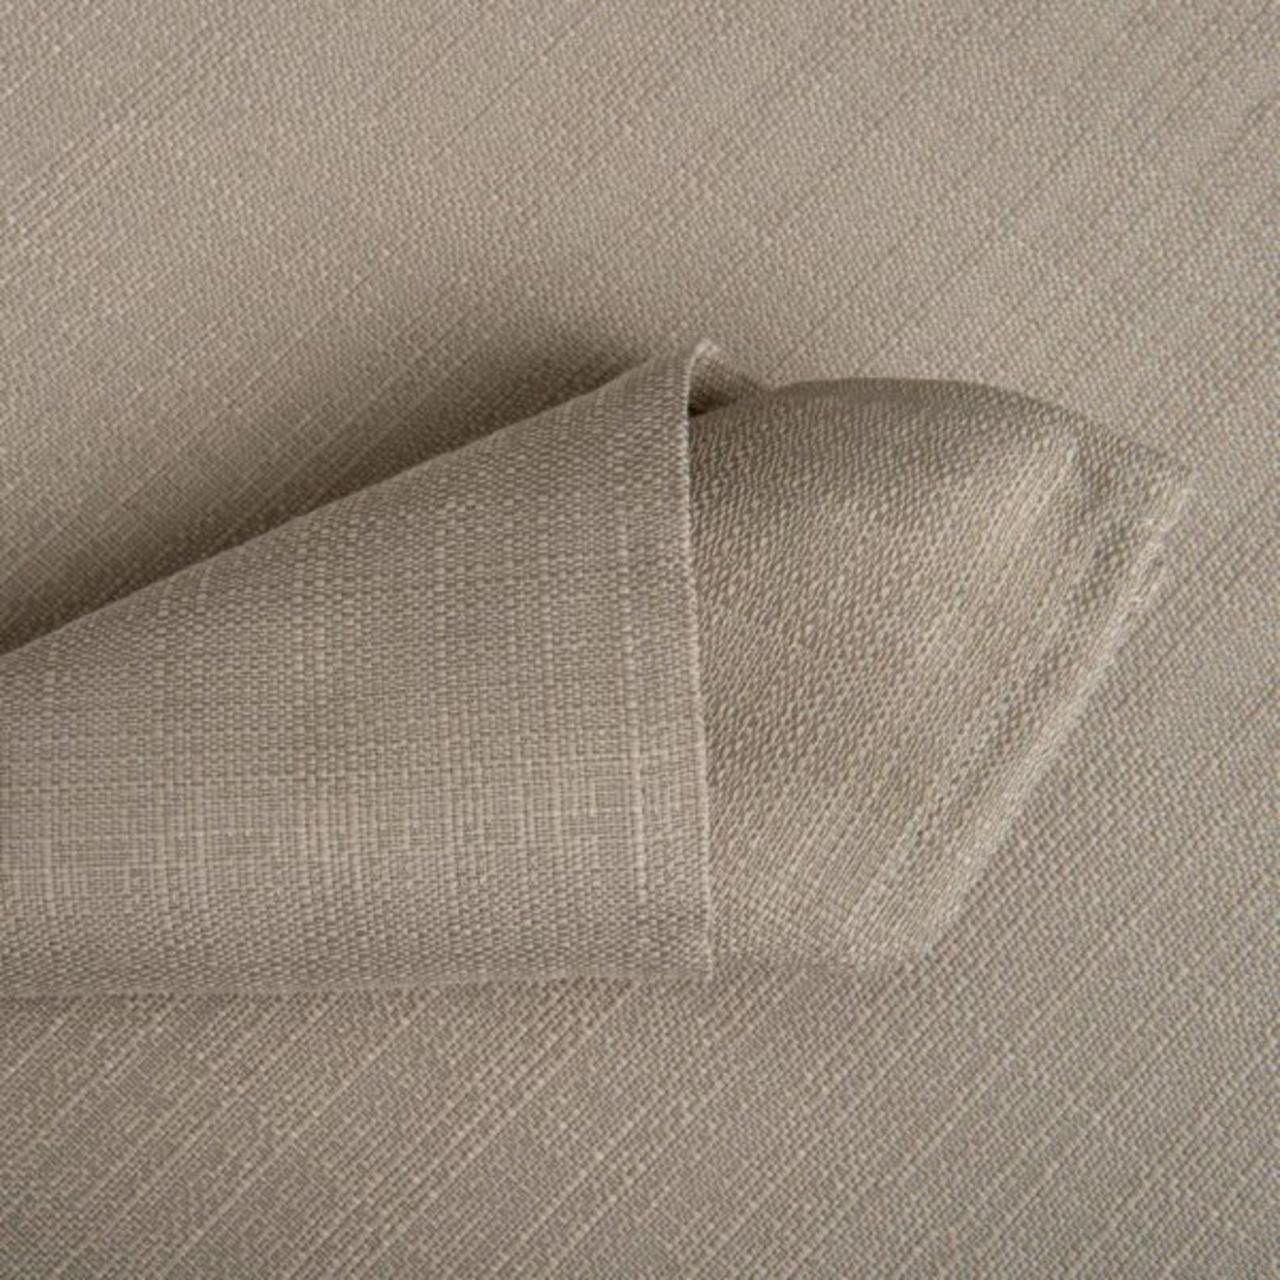 Linge De Table Yucca Sable 52 Pour Cent Polyester 48 Pour Cent Coton 245 Grs M2 Professionnel Restaurant Linvosges Hotellerie